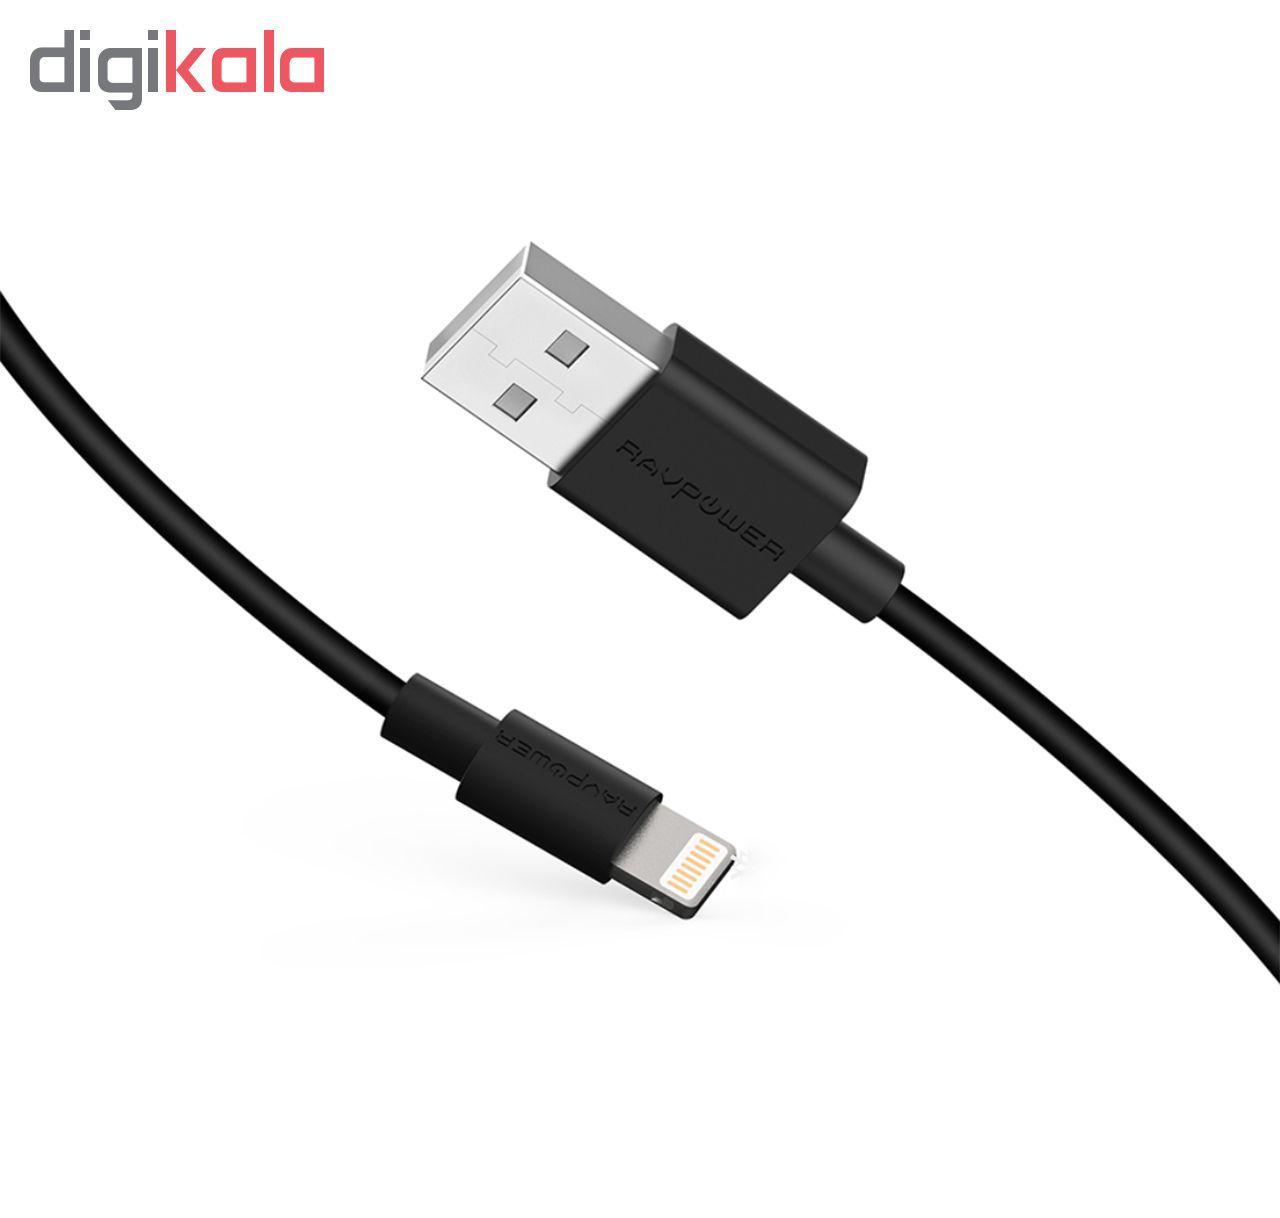 کابل تبدیل USB به لایتنینگ راو پاور مدل RP-CB031 طول 2 متر main 1 5